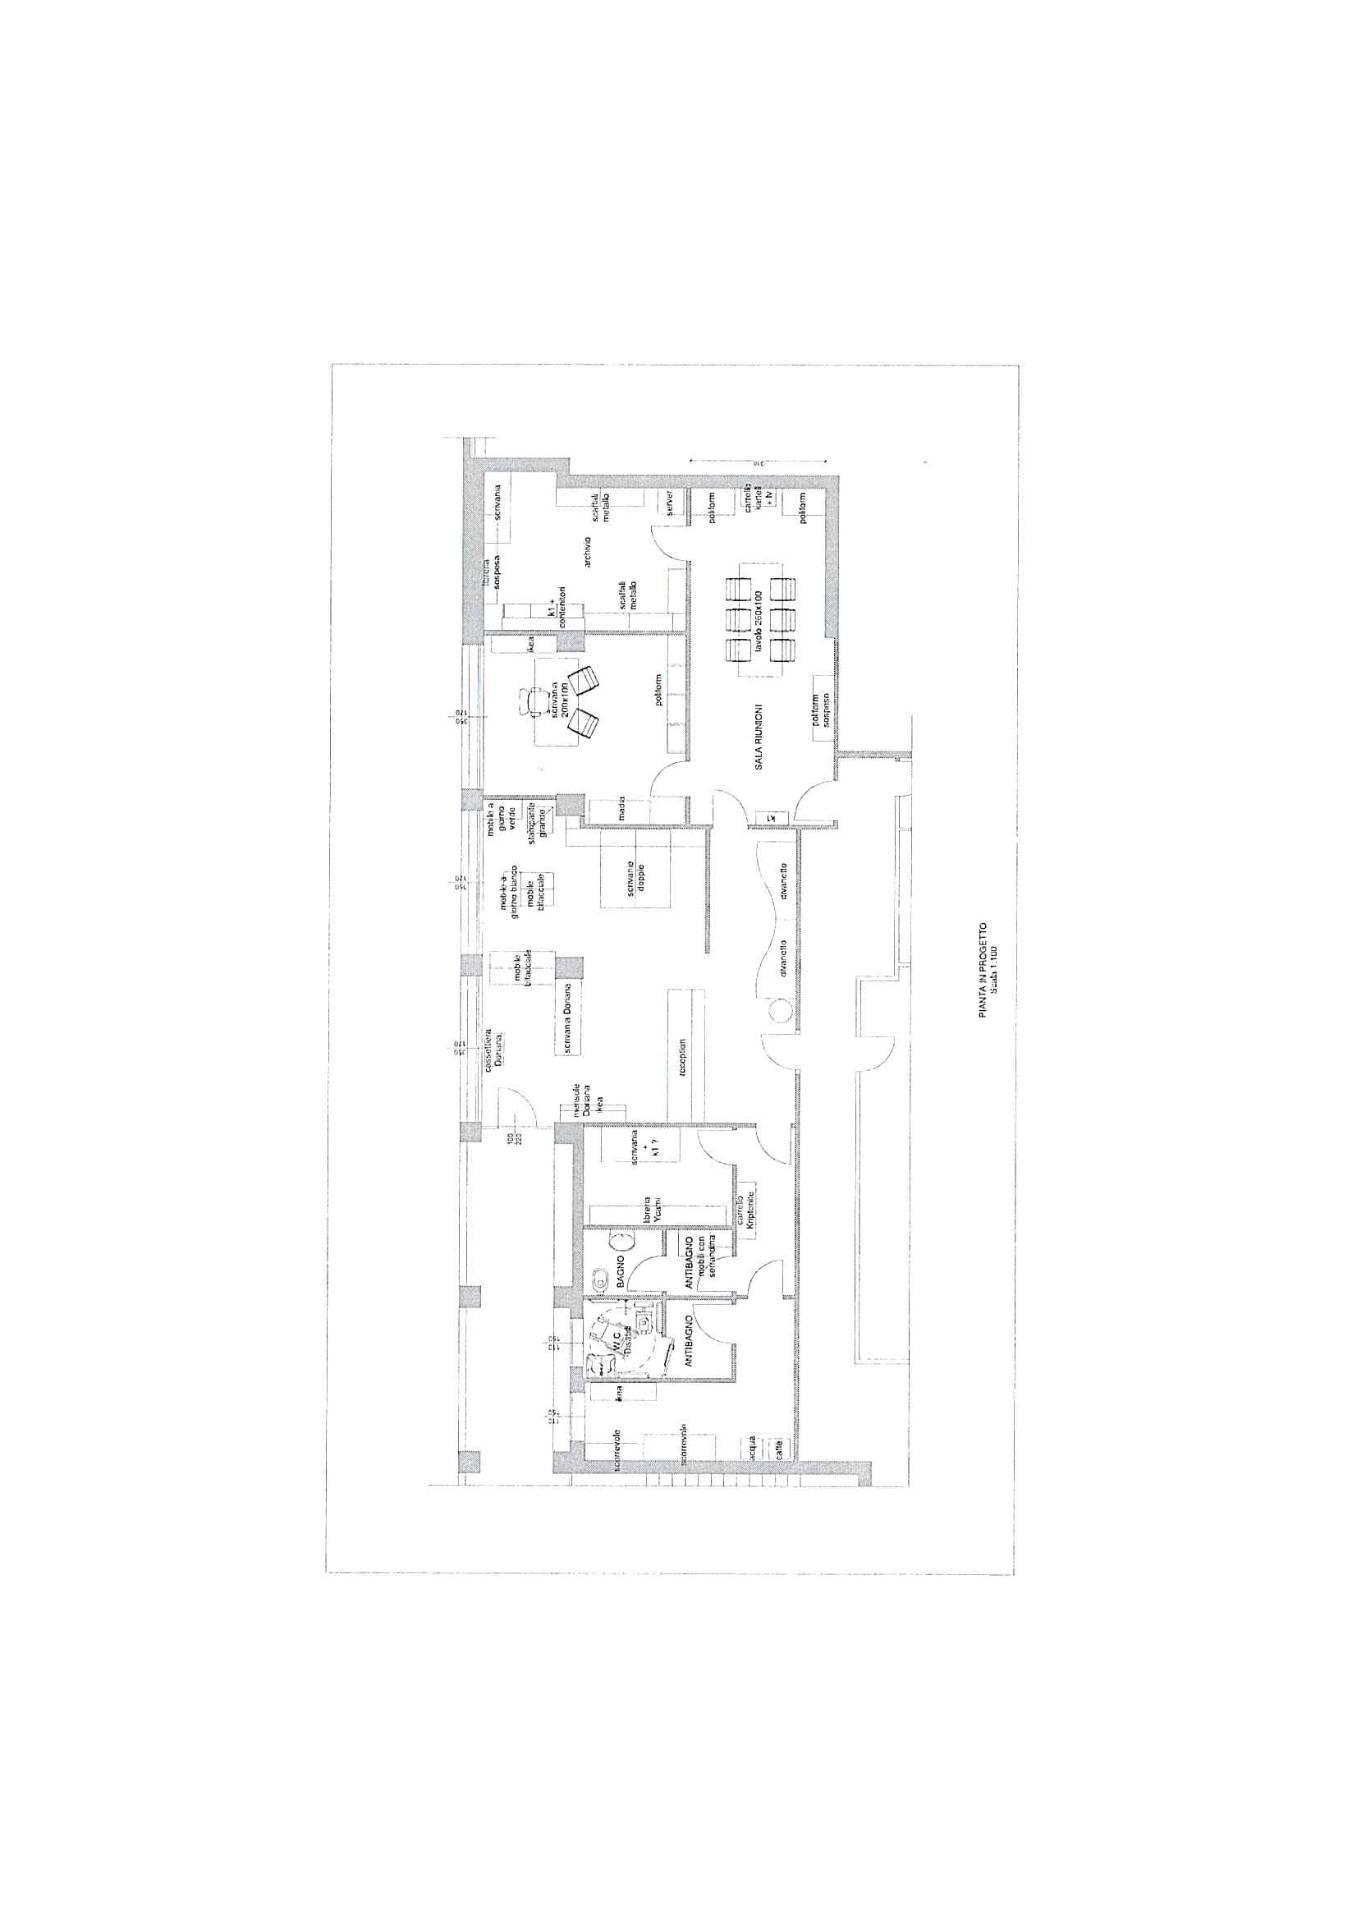 Ufficio / Studio in affitto a Trezzo sull'Adda, 9999 locali, prezzo € 1.400 | PortaleAgenzieImmobiliari.it